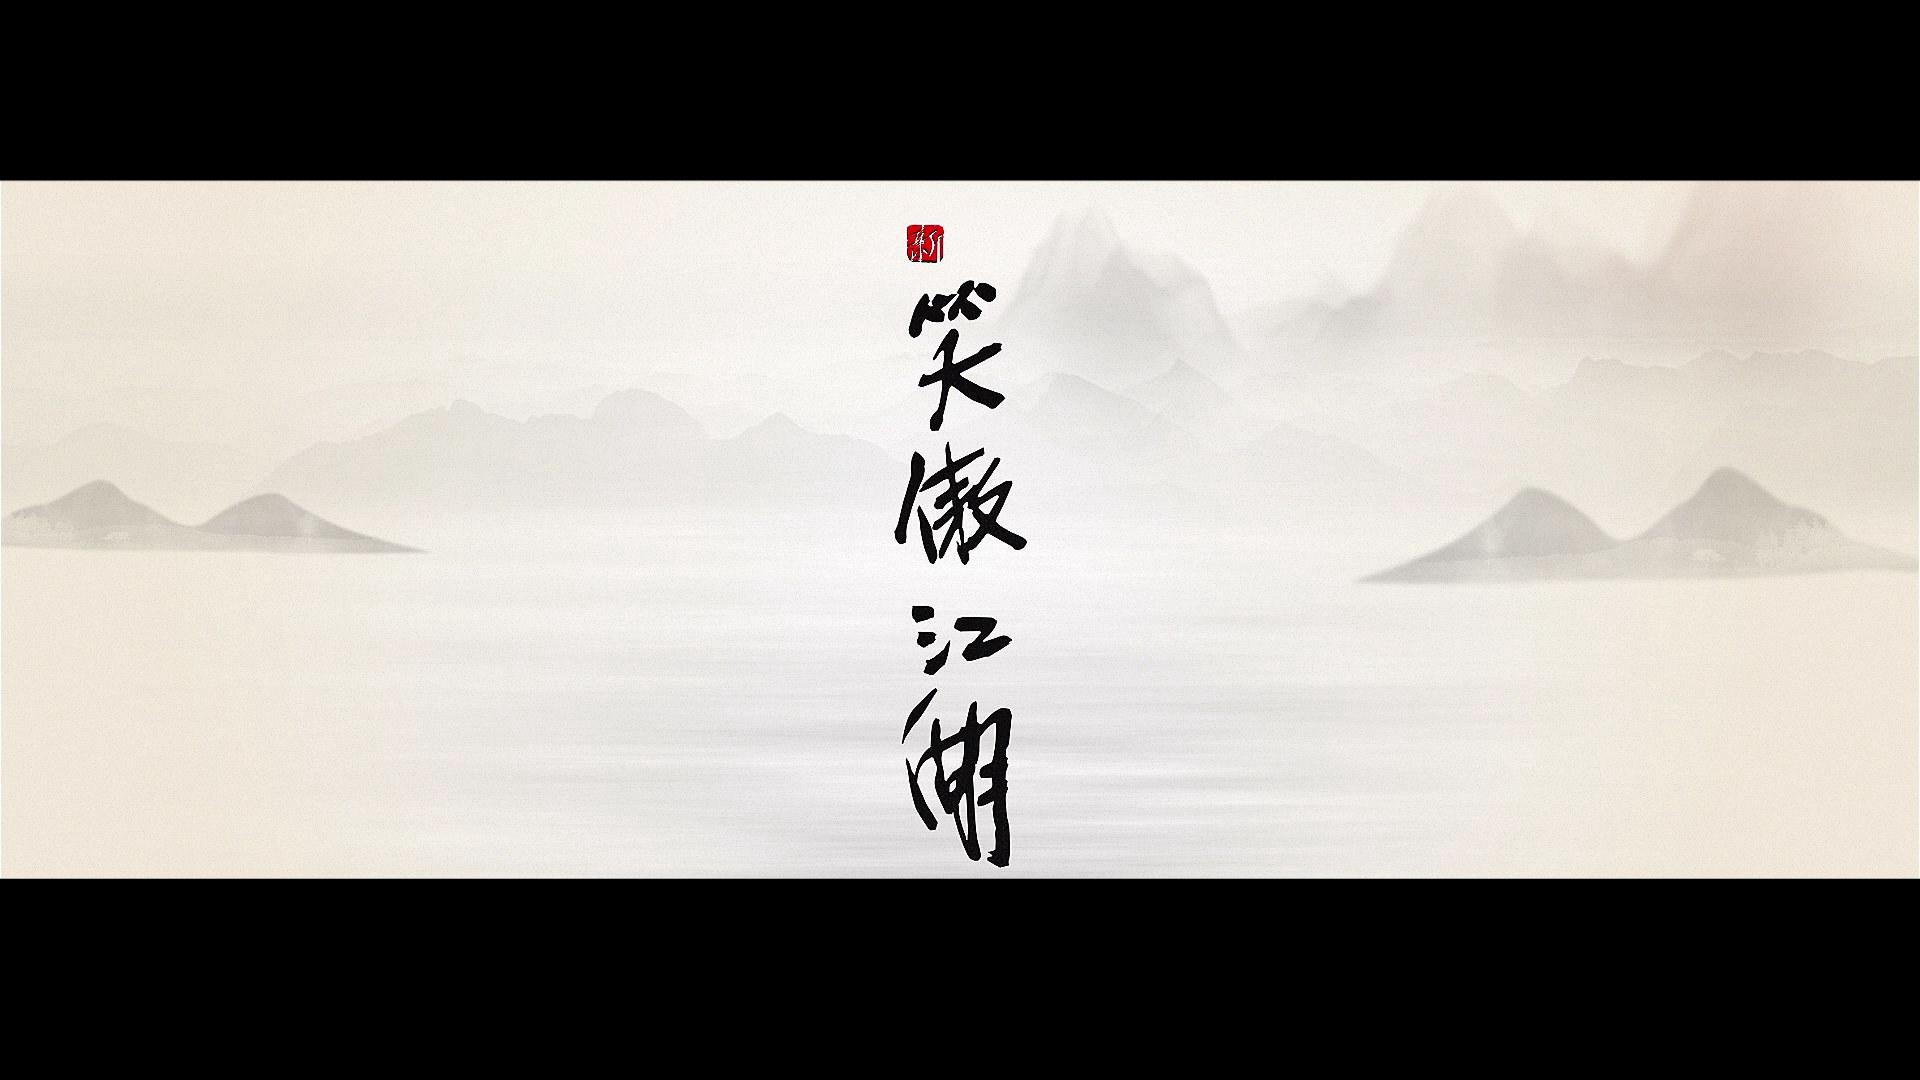 电视剧《新笑傲江湖》剧照 (4).jpg